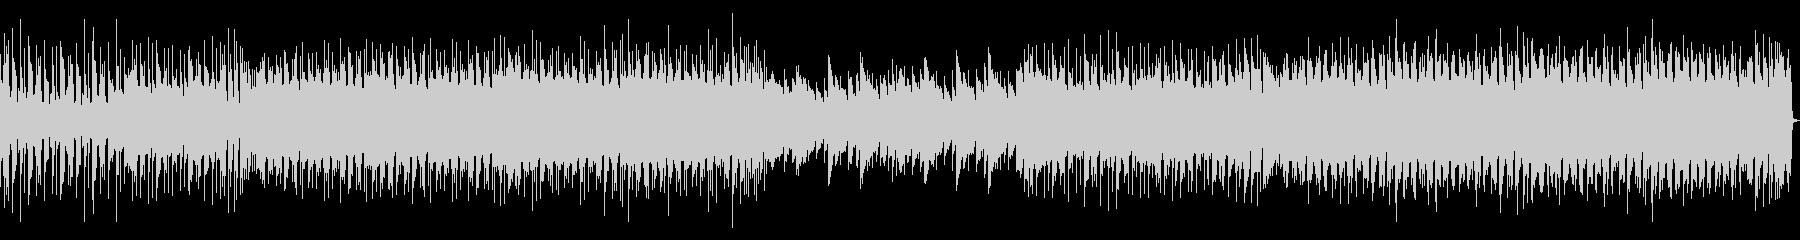 きらびやかなハウス_No656_1の未再生の波形